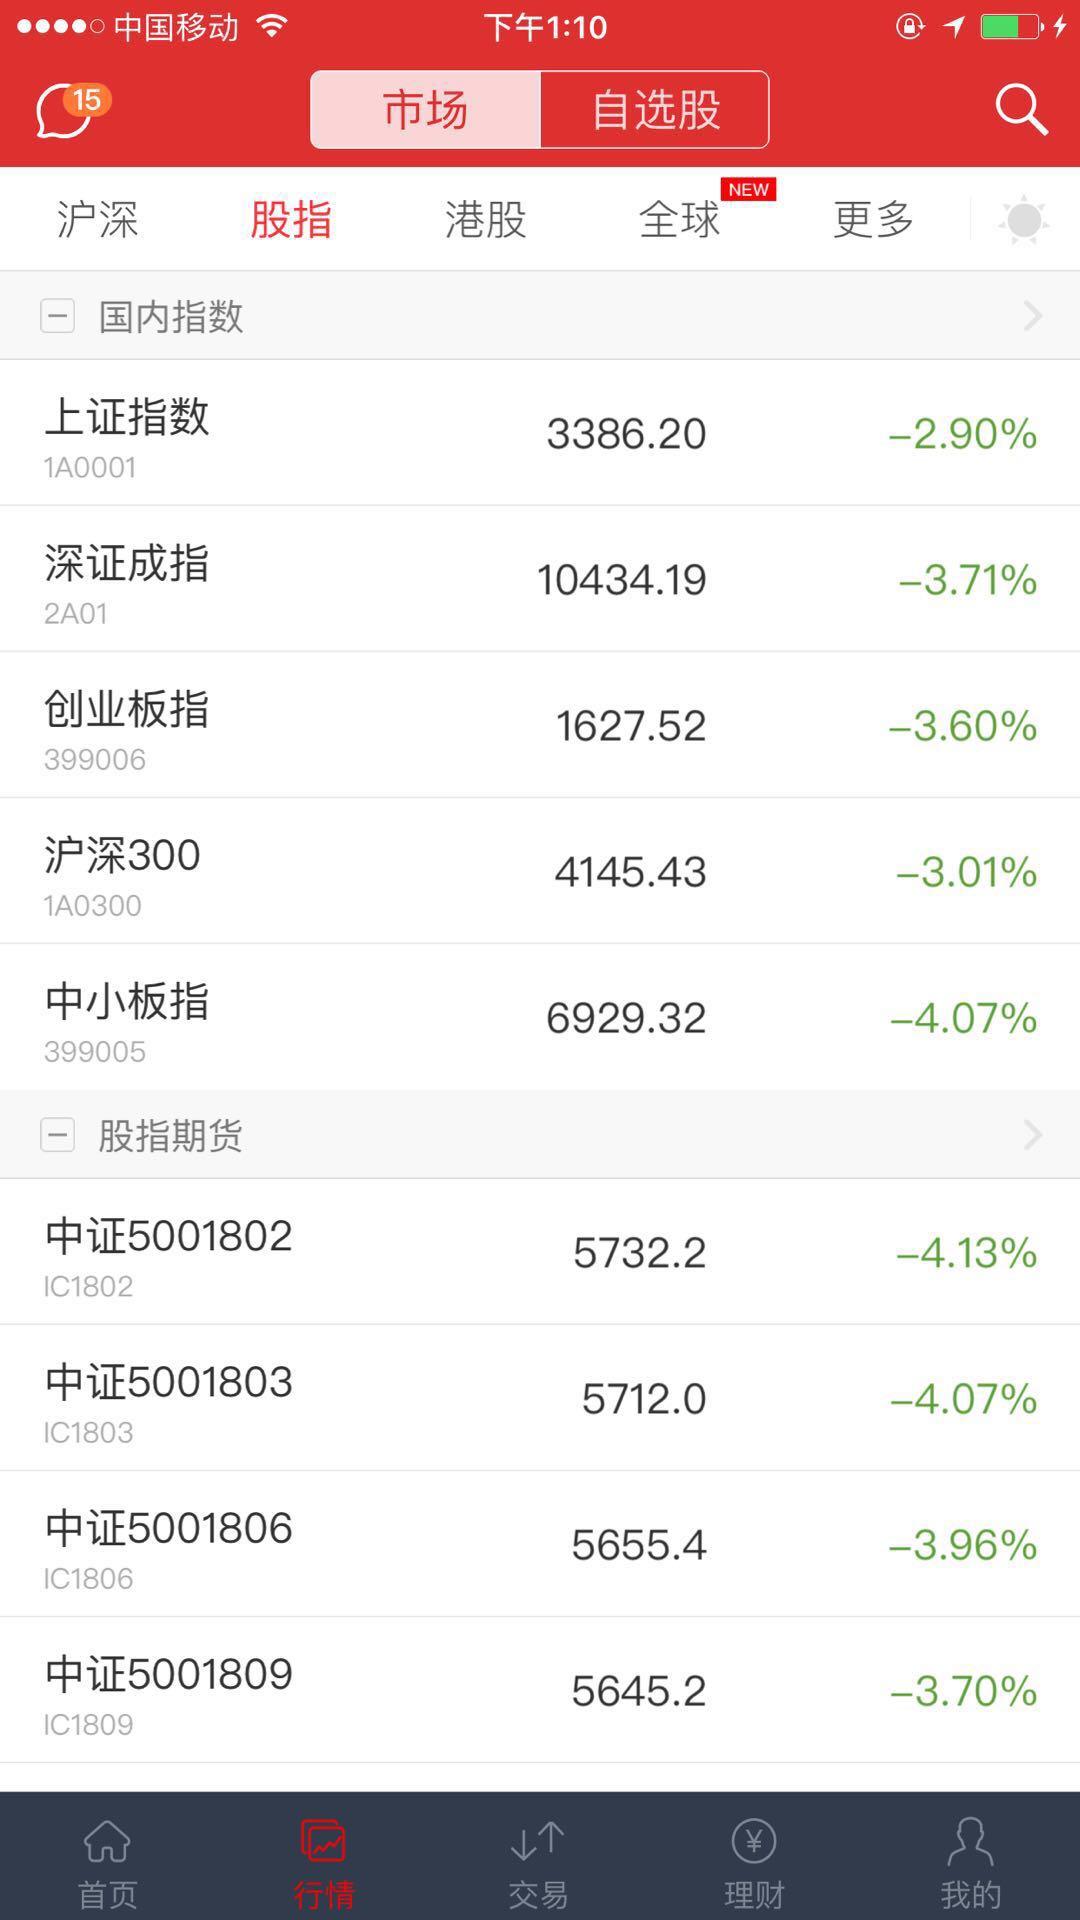 亚太股市全线暴跌:沪深跌幅扩大超3% 恒指跌近5%